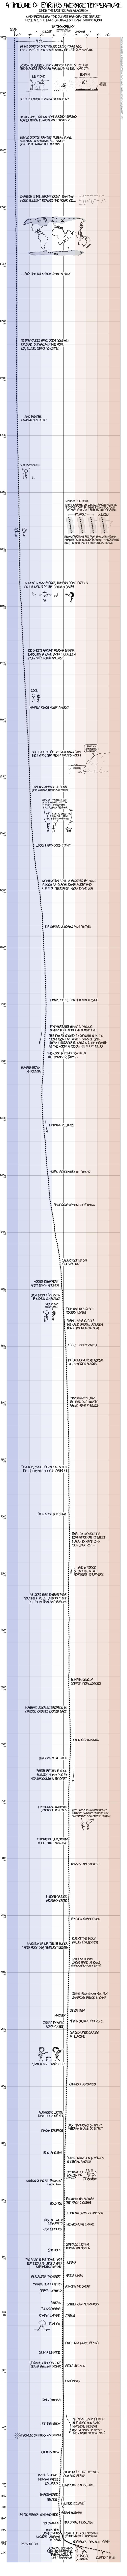 Depuis 20 000 ans, à l'échelle.  On voit que y a quand même un truc qui cloche franchement ces dernières années.